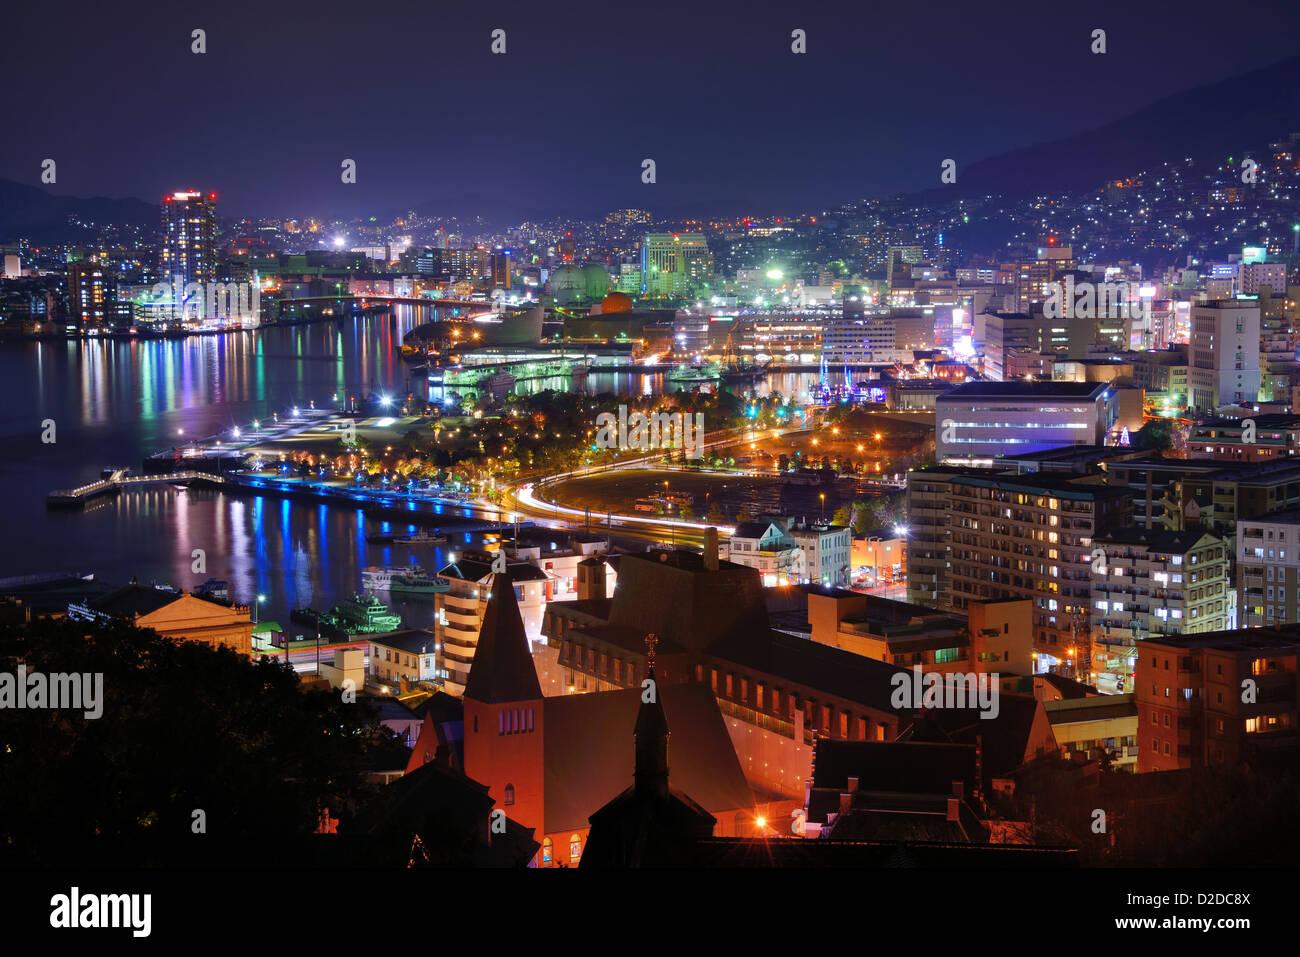 Skyline della baia di Nagasaki, Giappone. Immagini Stock